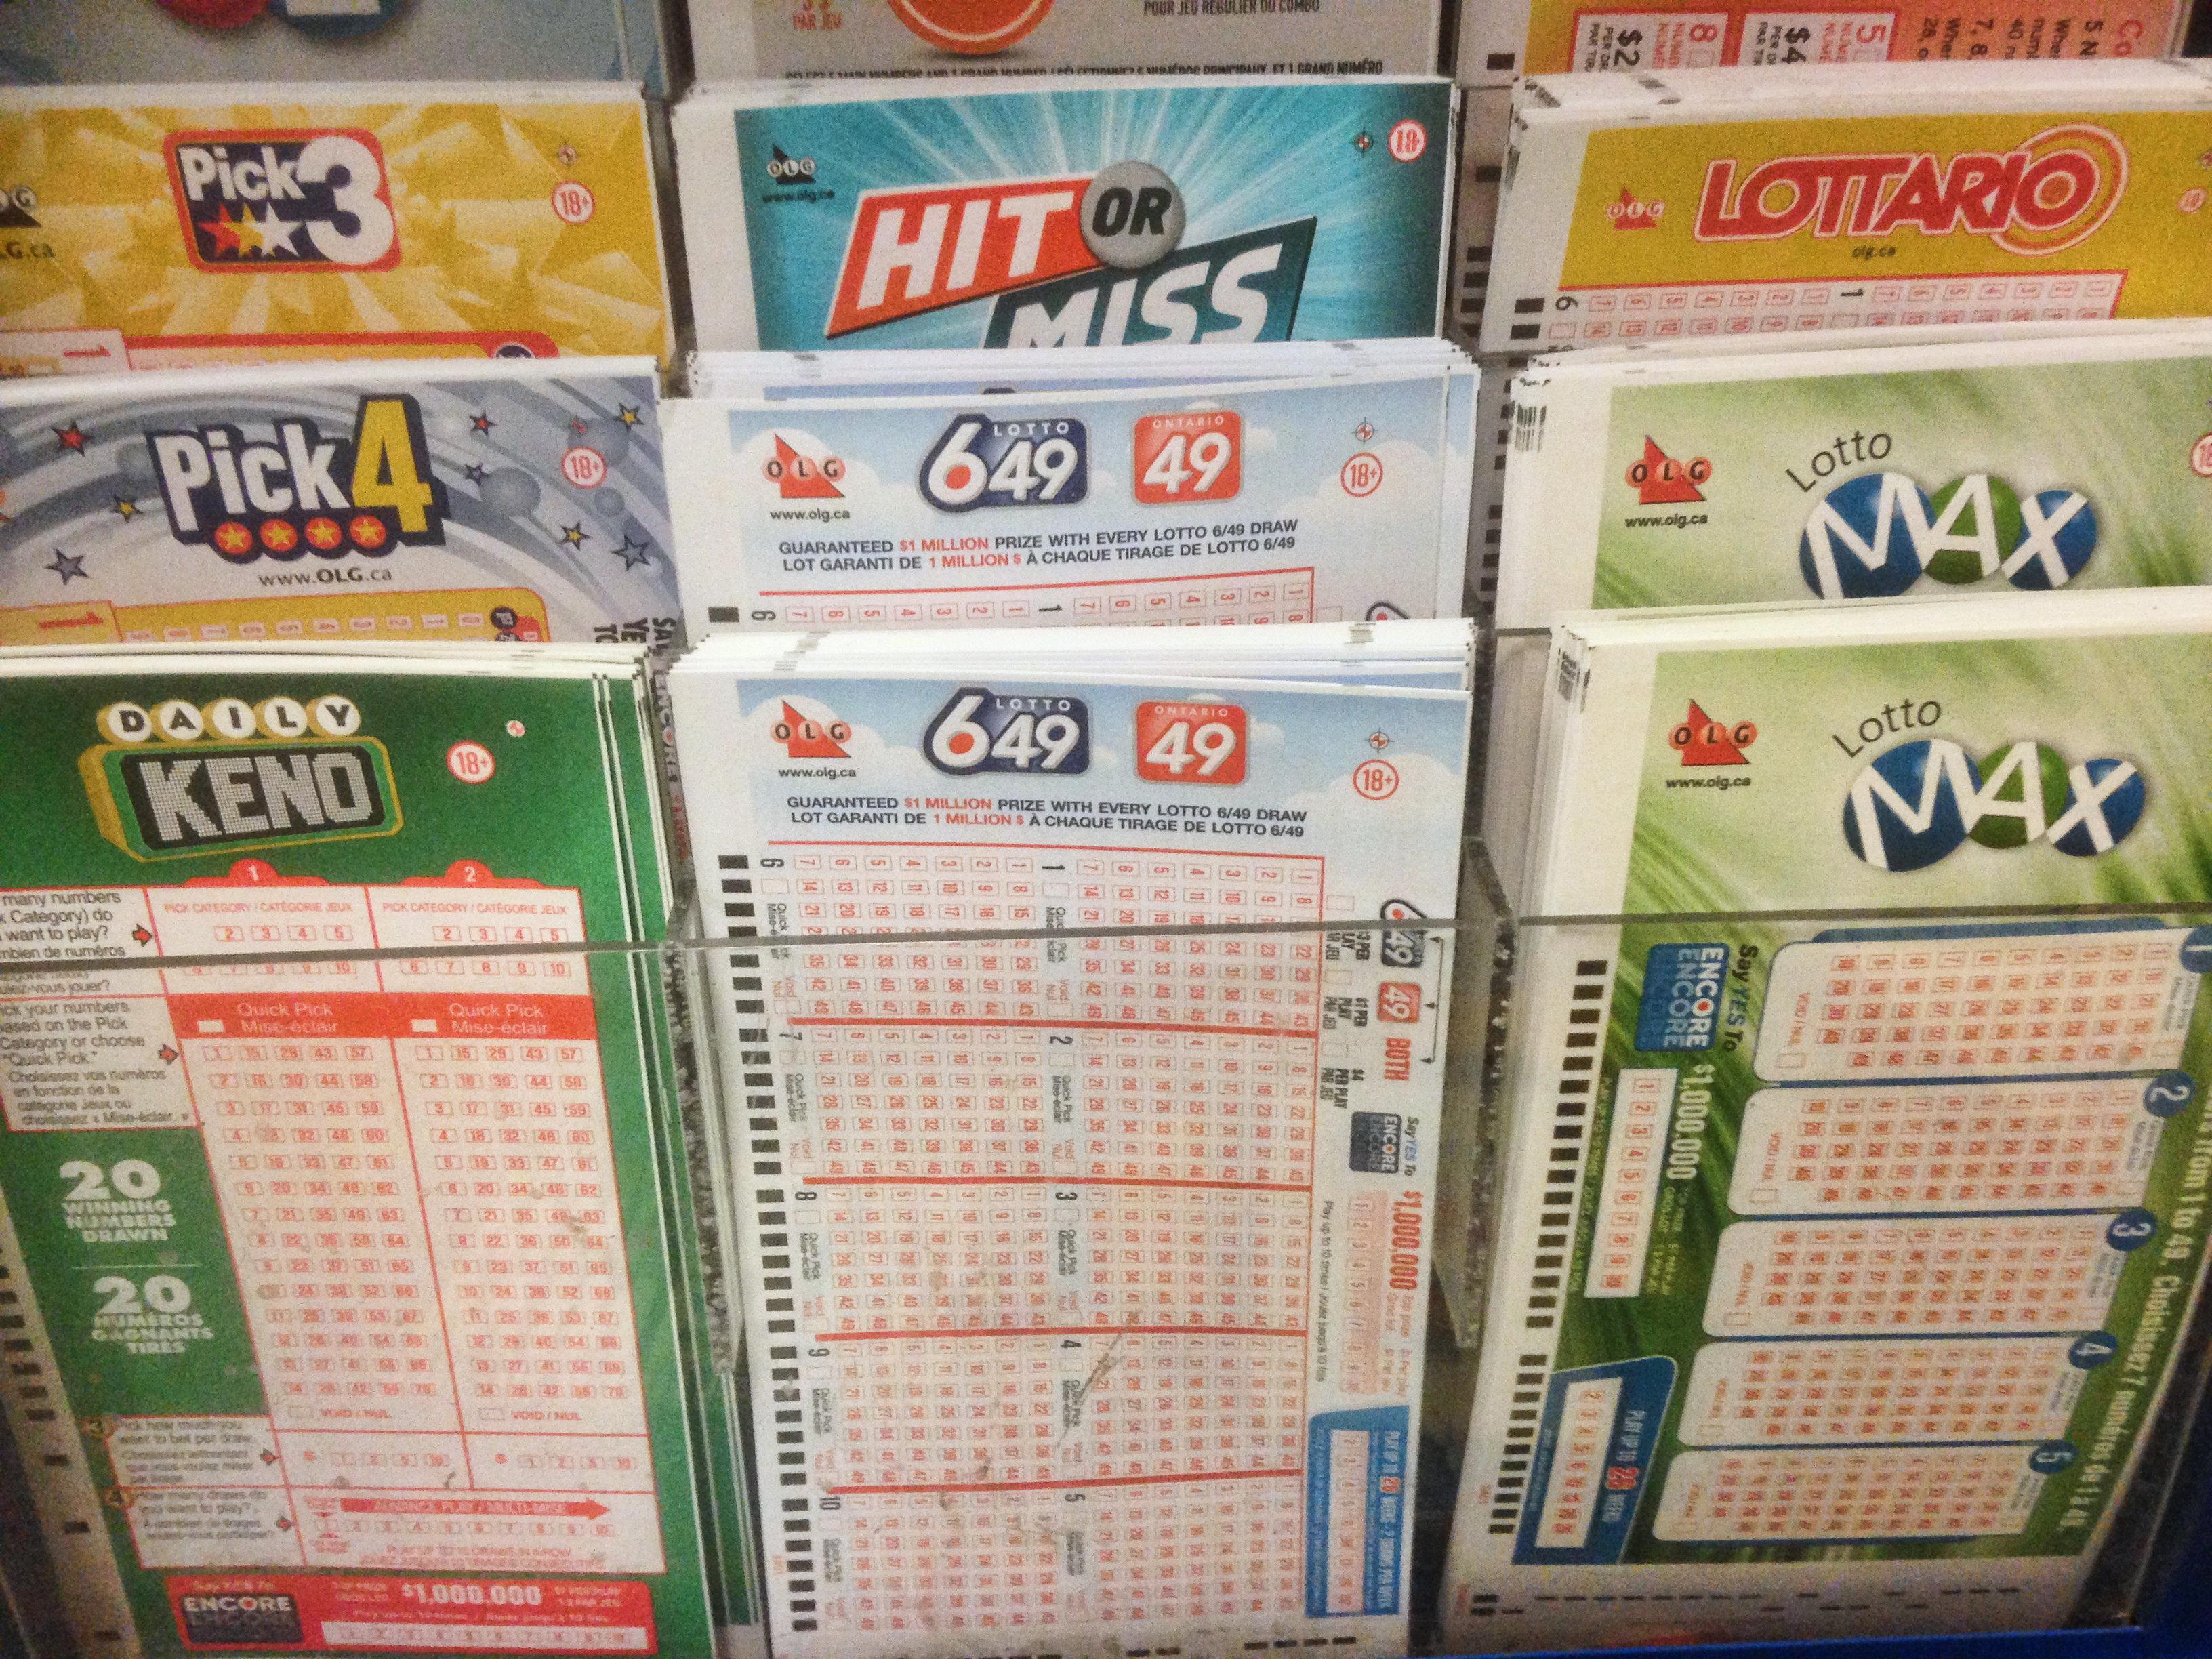 Τι θα συμβεί εάν αγοράσετε Lotto με κλεμμένη πιστωτική και κερδίσετε; Ό,τι και σε αυτή την